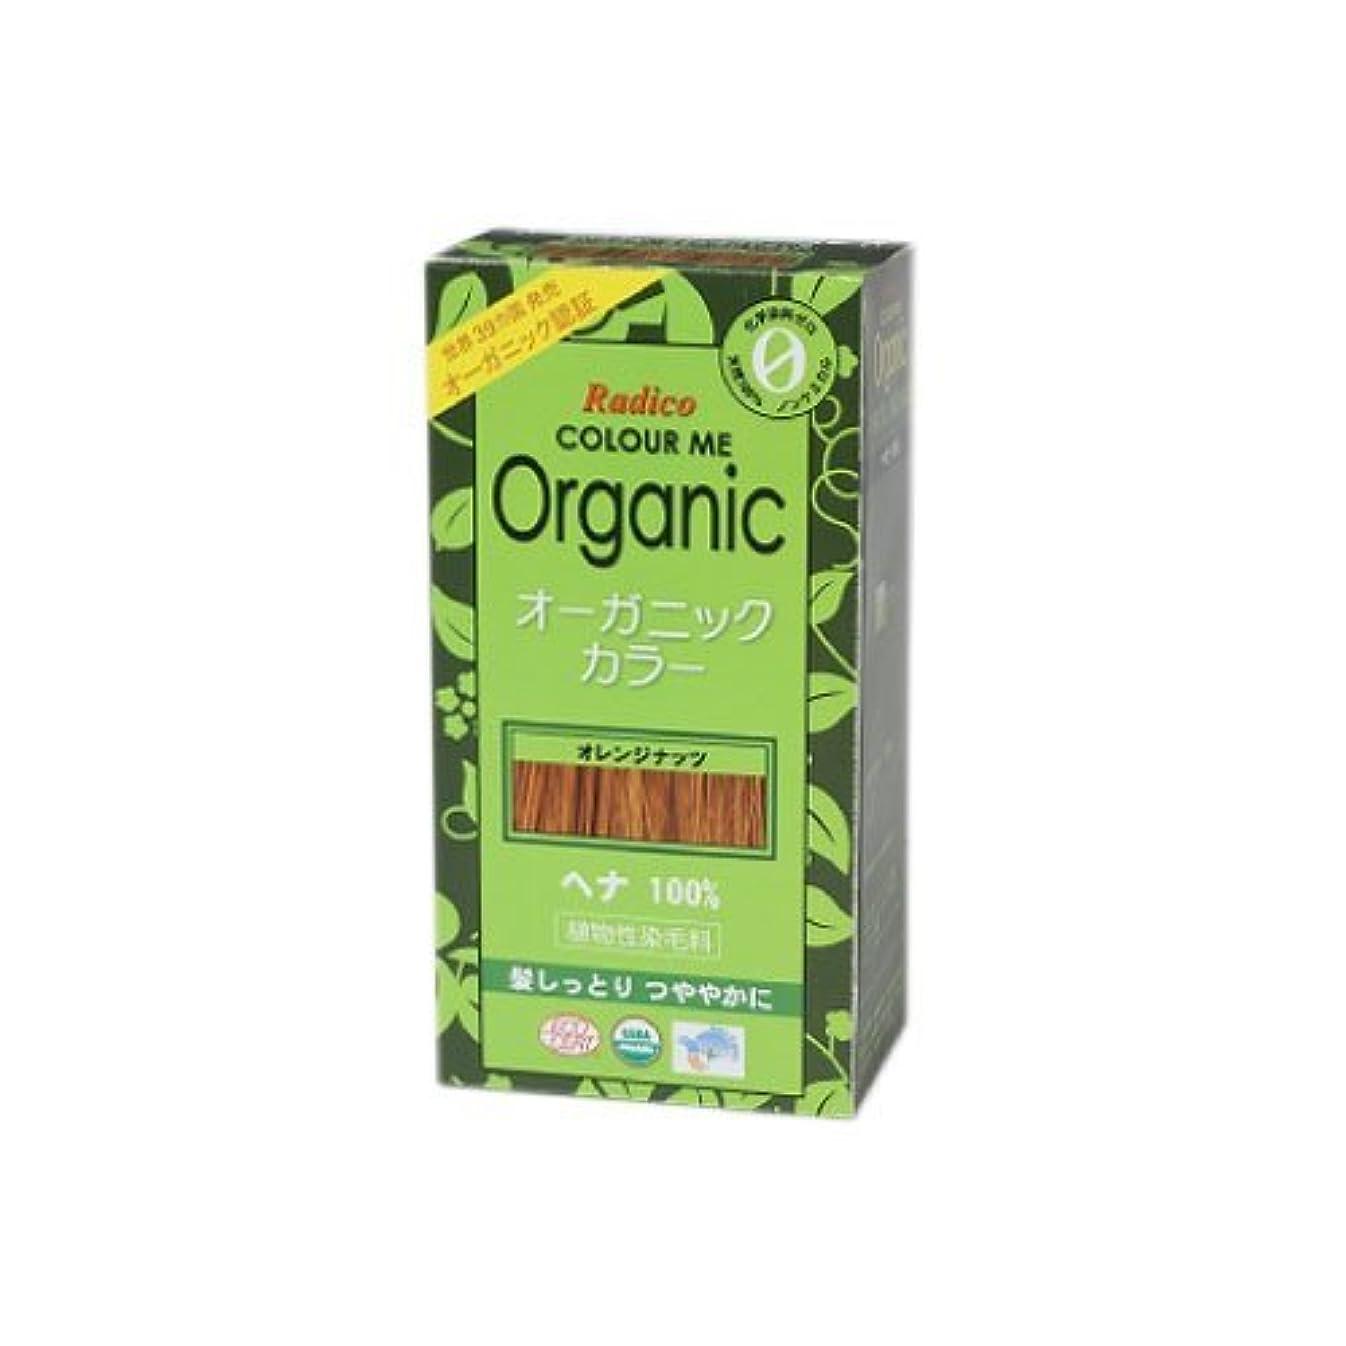 最少マリナー笑いCOLOURME Organic (カラーミーオーガニック ヘナ 白髪用) オレンジナッツ 100g